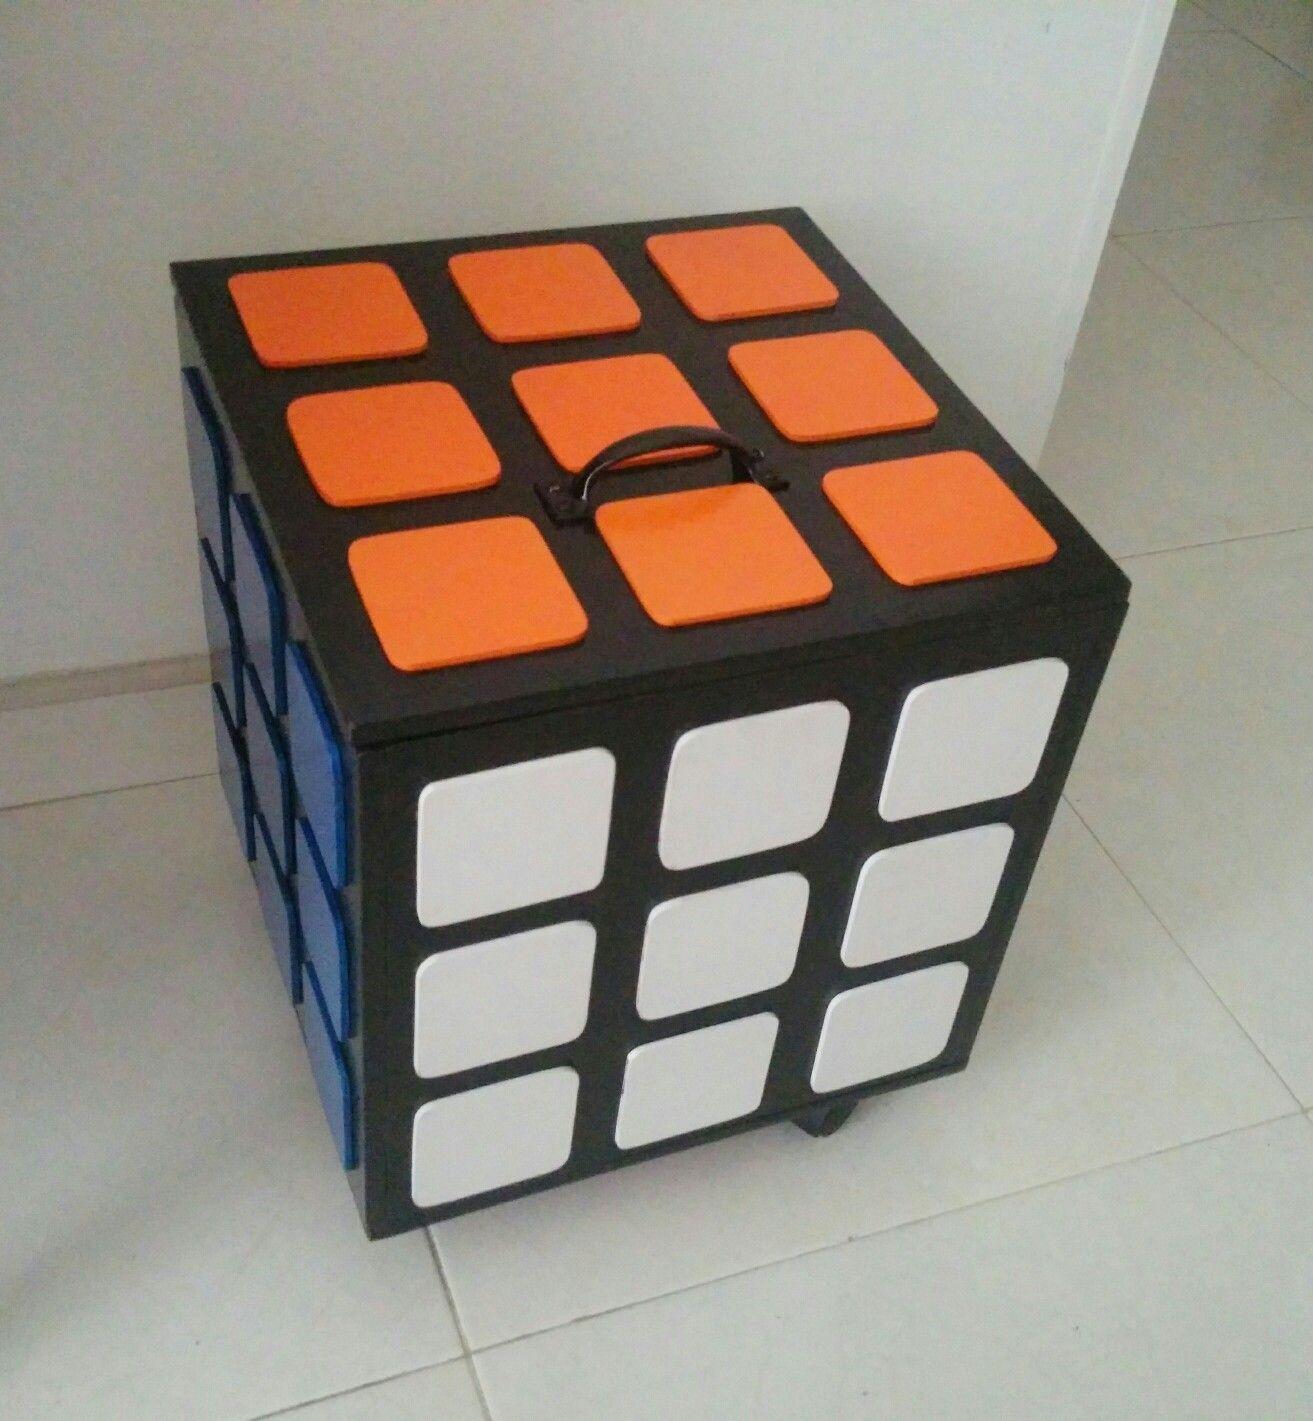 Mueble En Forma De Cubo Con Ruedas Rubiks Cube Stuff Pinterest # Muebles Einstein